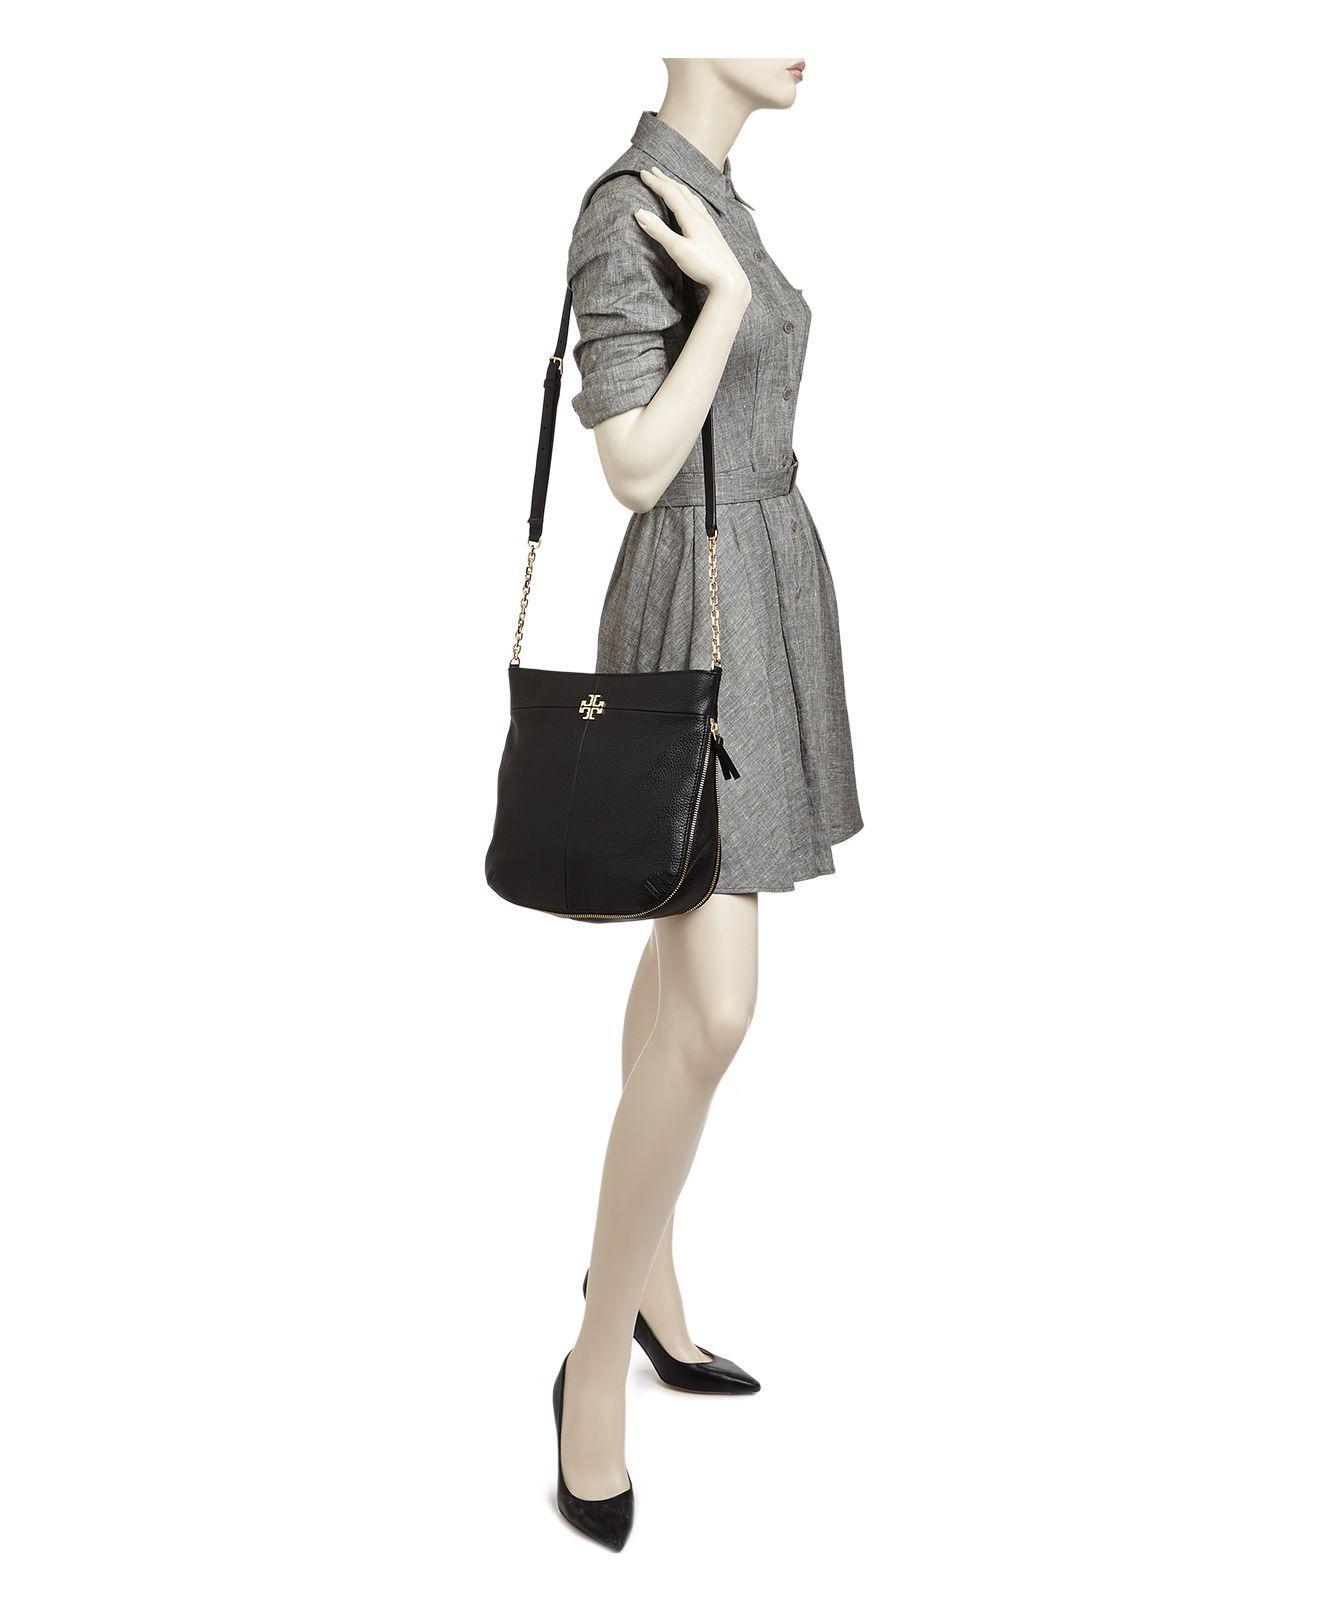 2d9dc56215f4 Lyst - Tory Burch Ivy Convertible Shoulder Bag